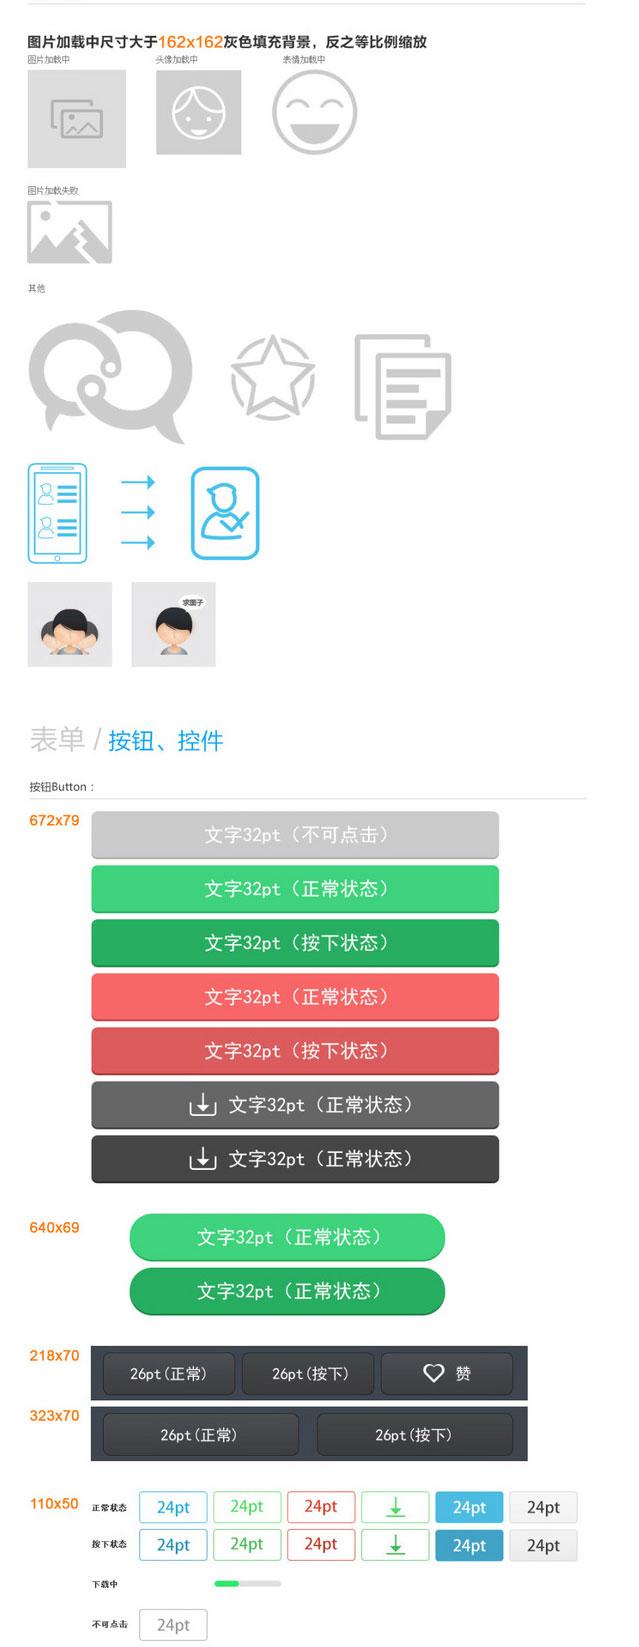 安卓APP设计视觉完整规范_04